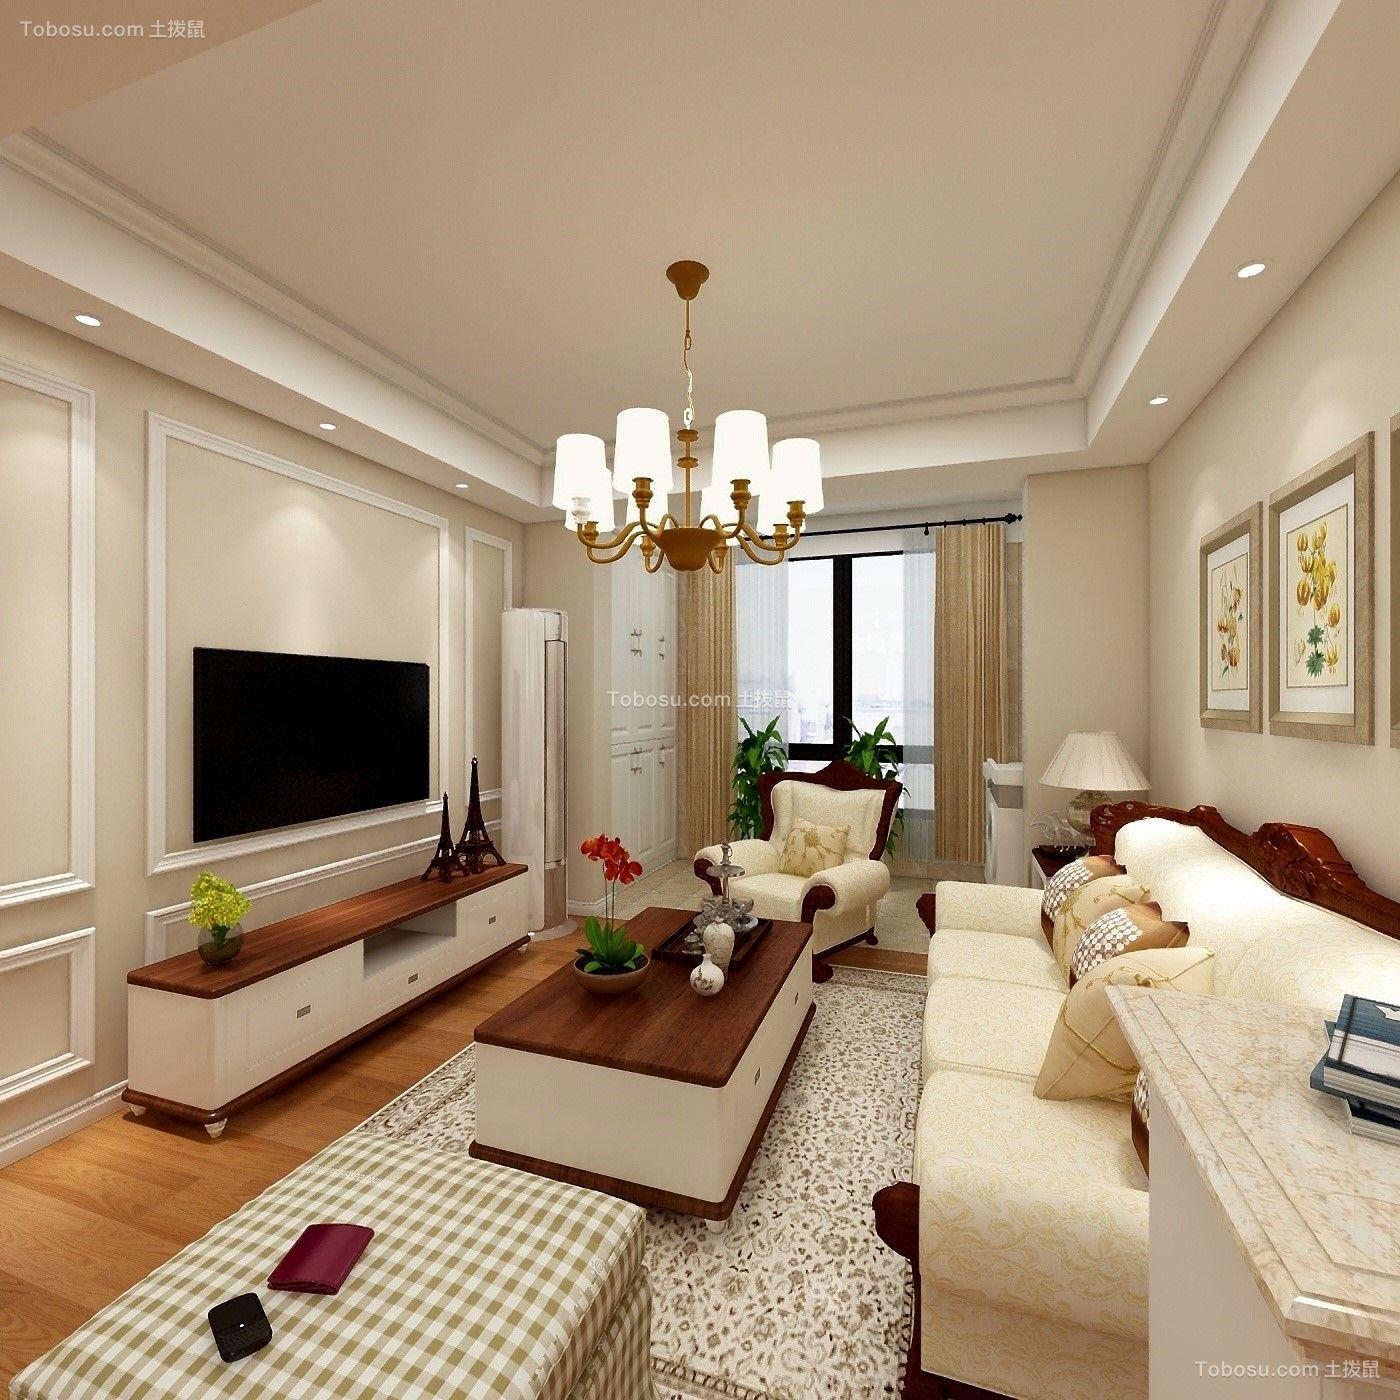 混搭风格61平米公寓室内装修效果图